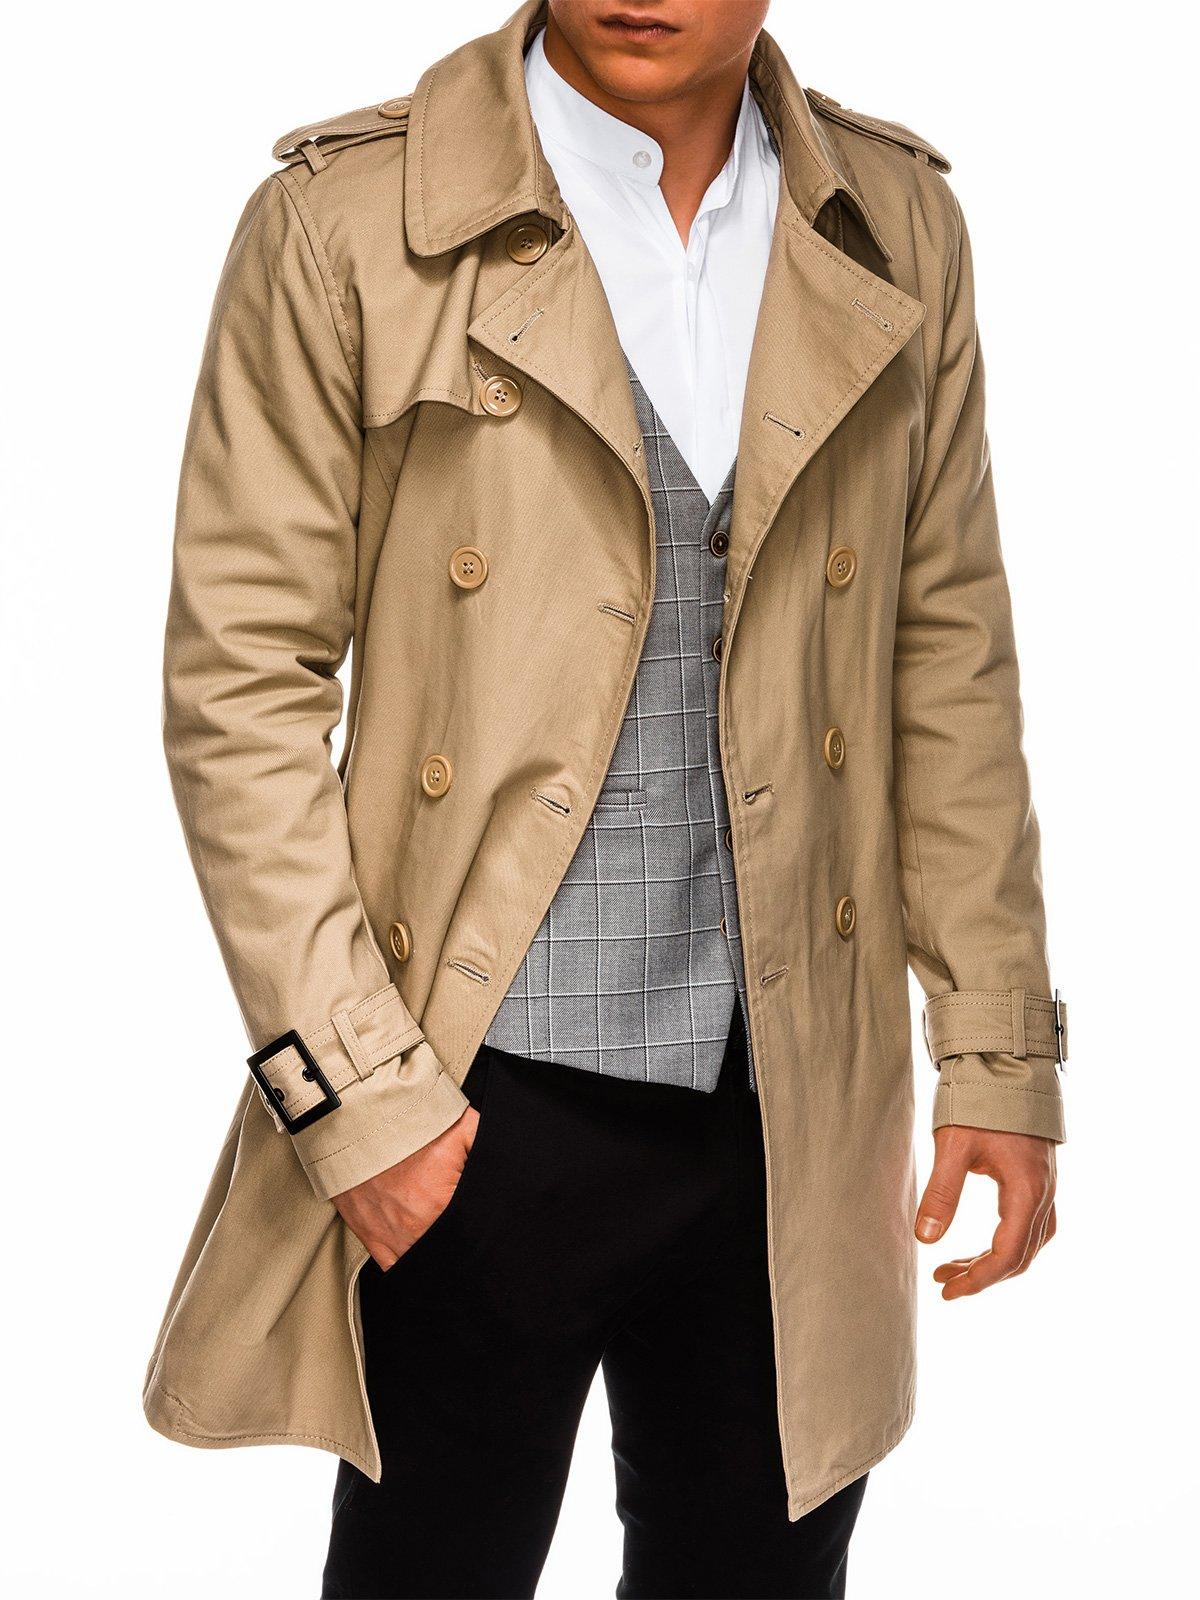 Płaszcz męski jesienny C346 - beżowy